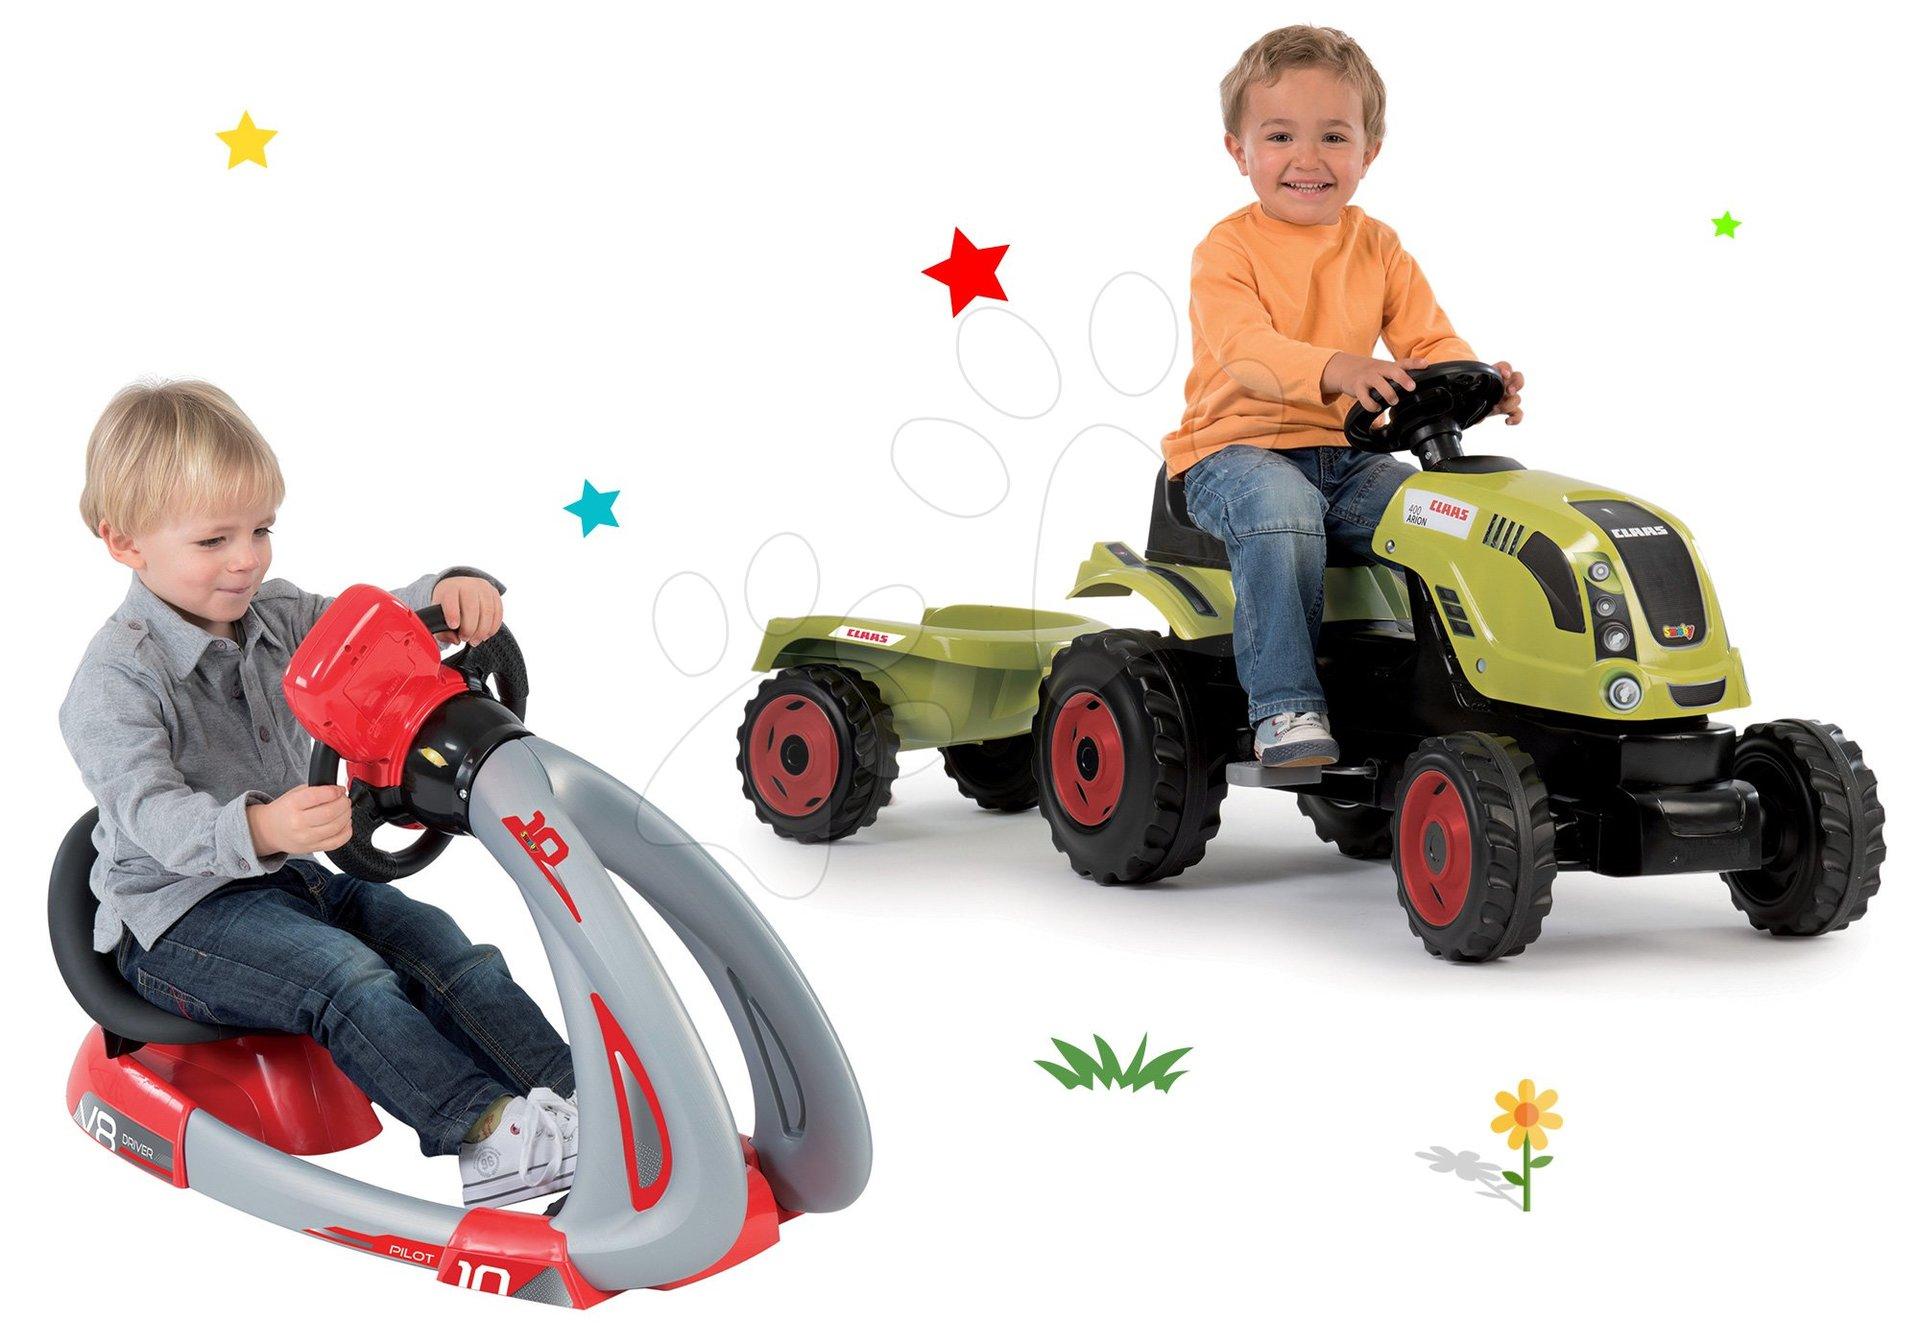 Smoby set traktor Claas Farmer XL s prívesom a trenažér V8 Driver elektronický 710114-12